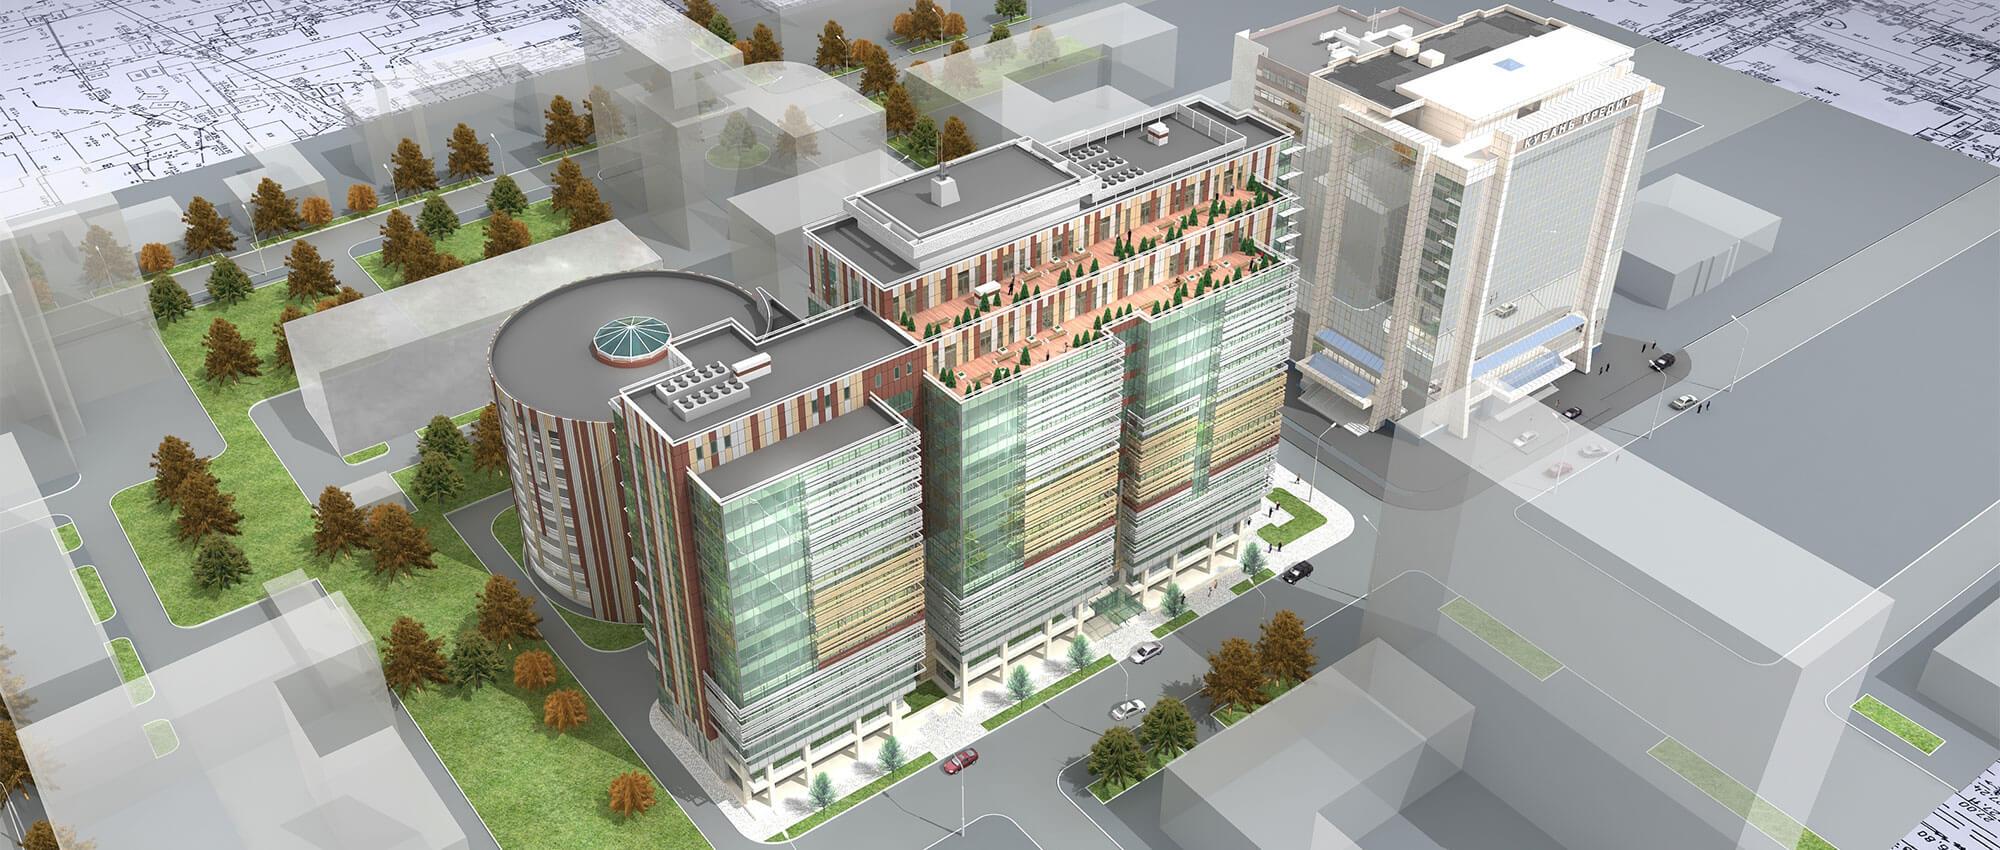 Poslovni kompleks u Krasnodaru, Rusija - Projektovanje